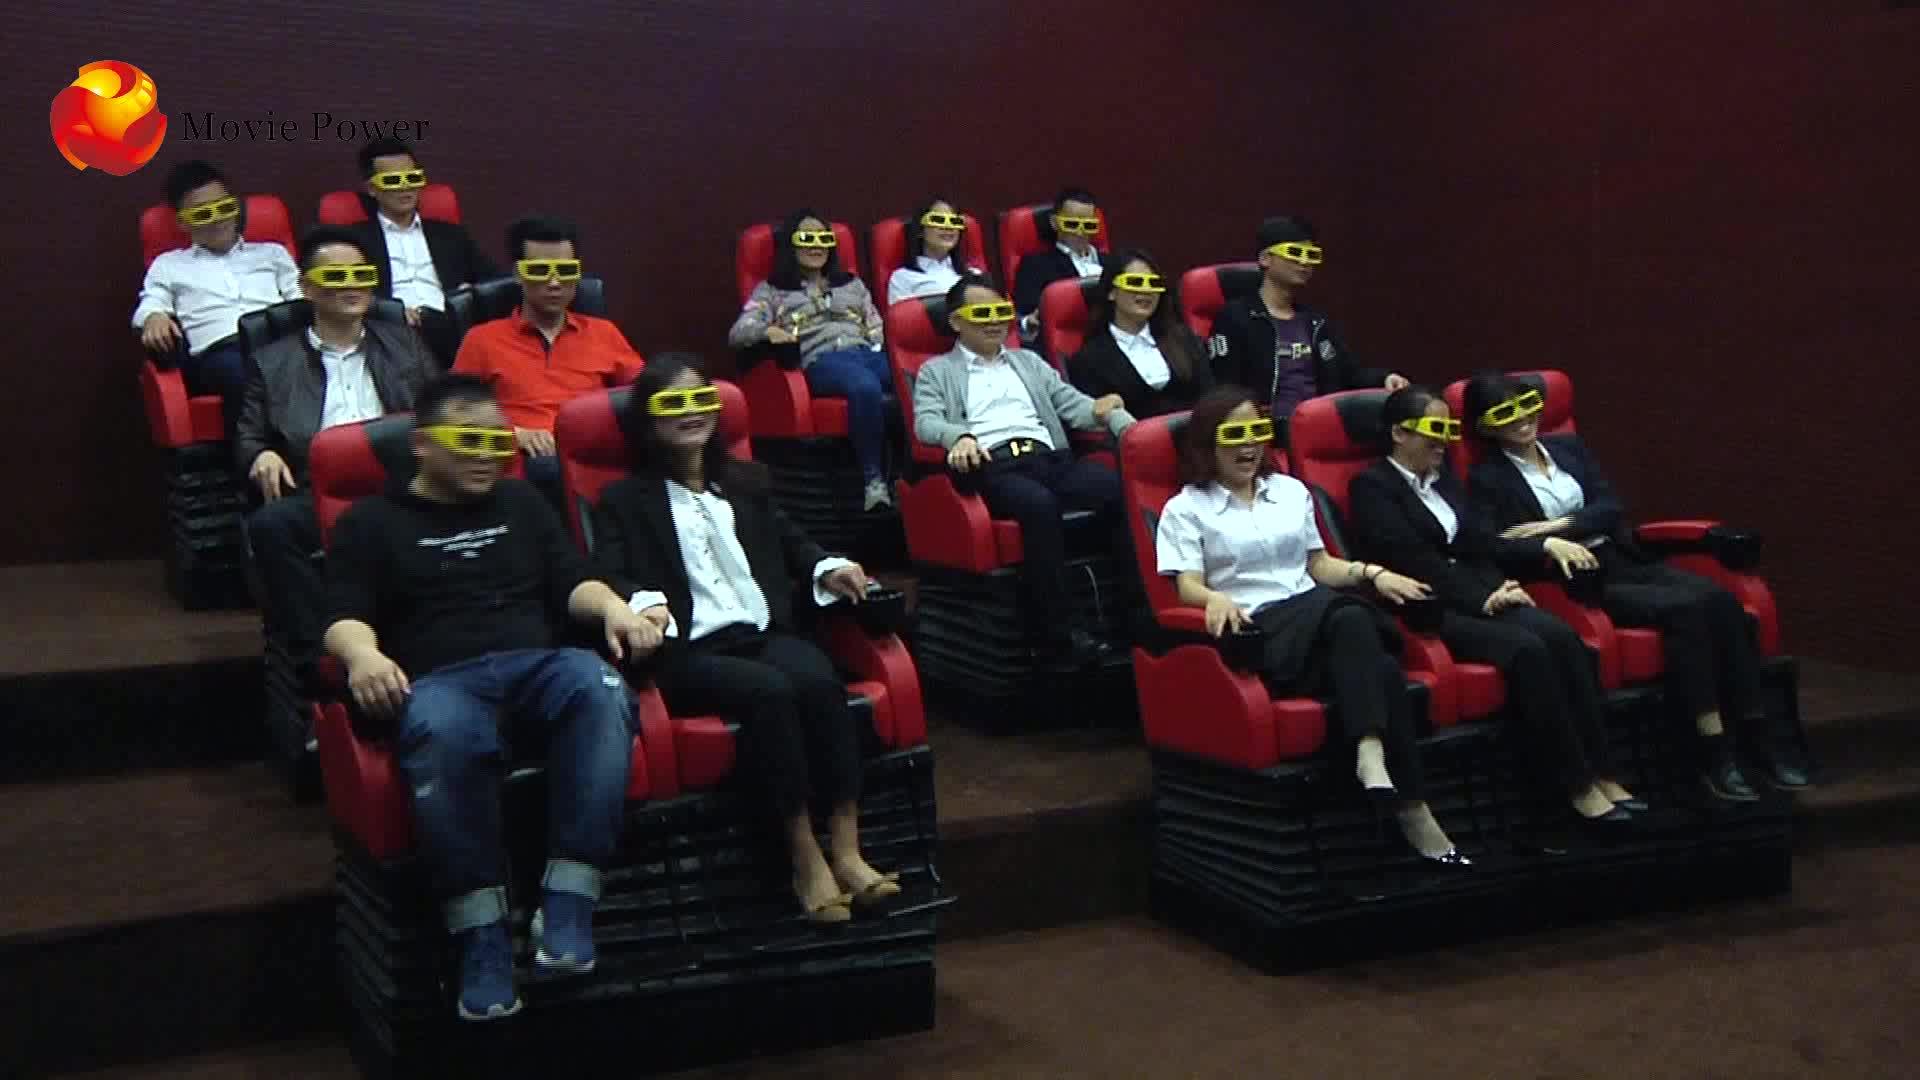 โรงงานราคาสวนสนุกการเคลื่อนไหว 5D โรงละครจำลอง 7D 15 Cinema ที่นั่งอุปกรณ์ราคาขาย